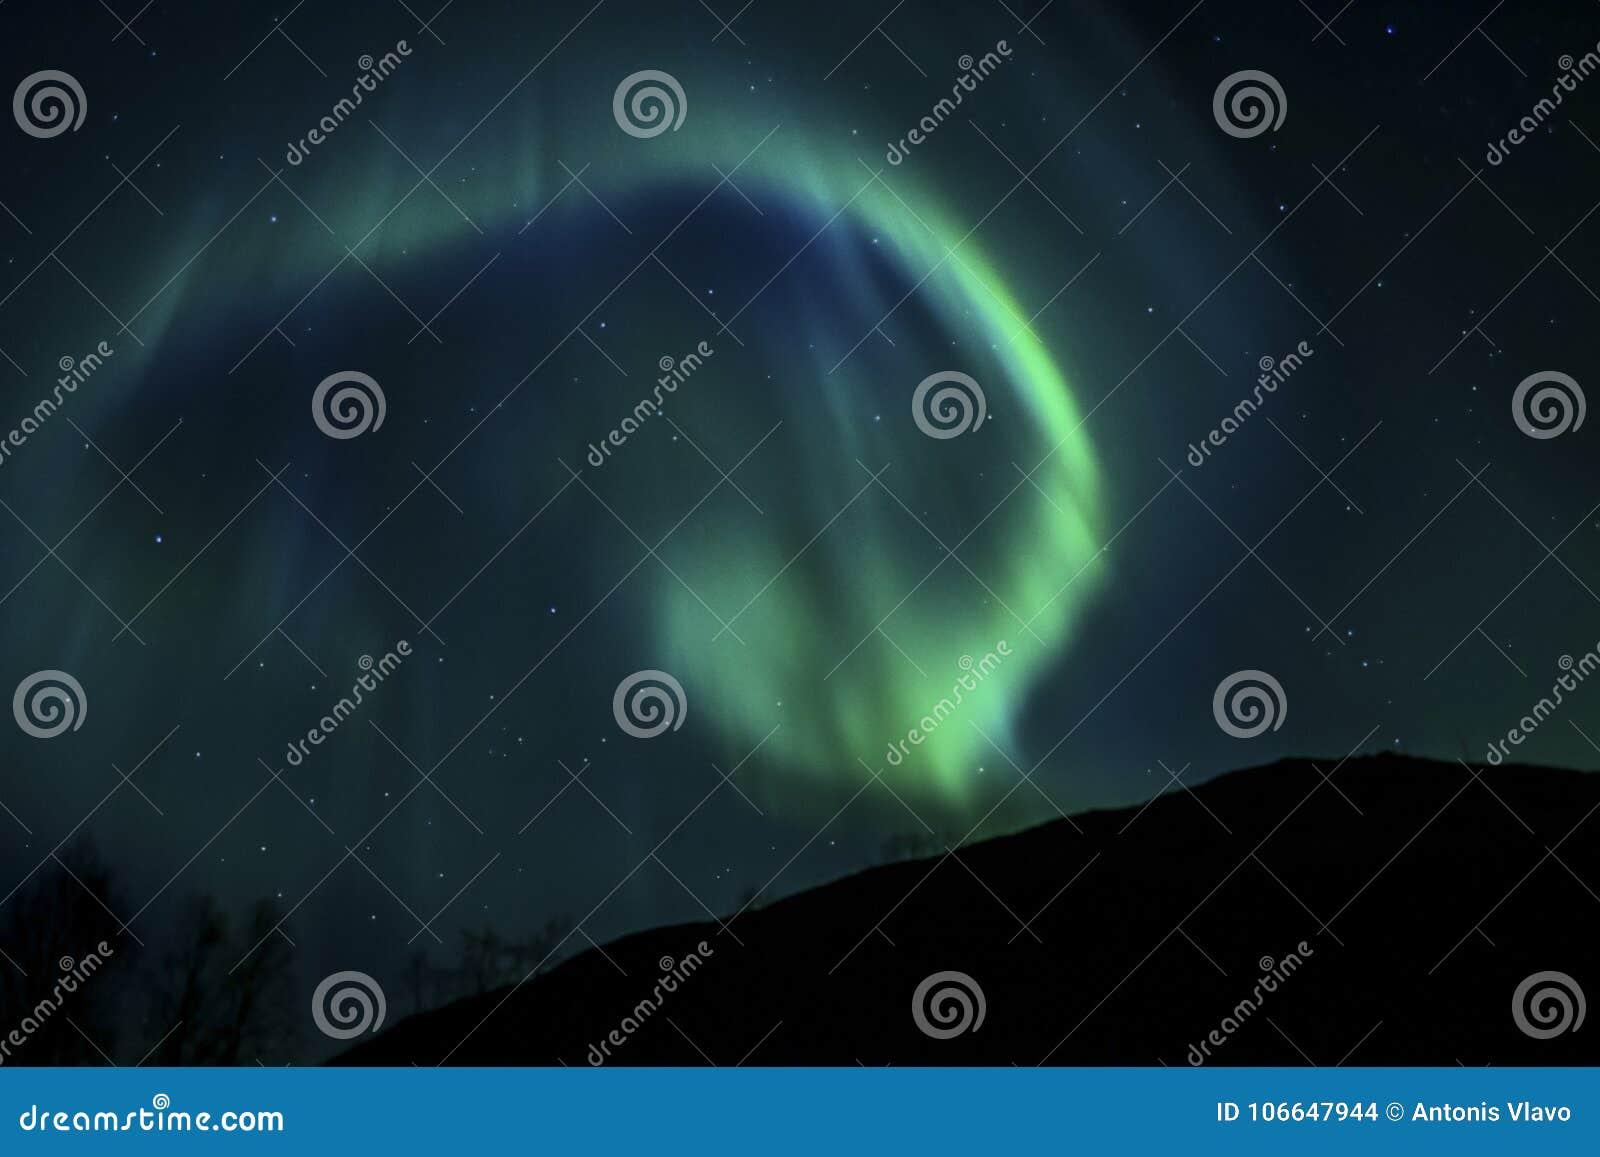 BLUE AURORA IN THE ARCTIC SKY